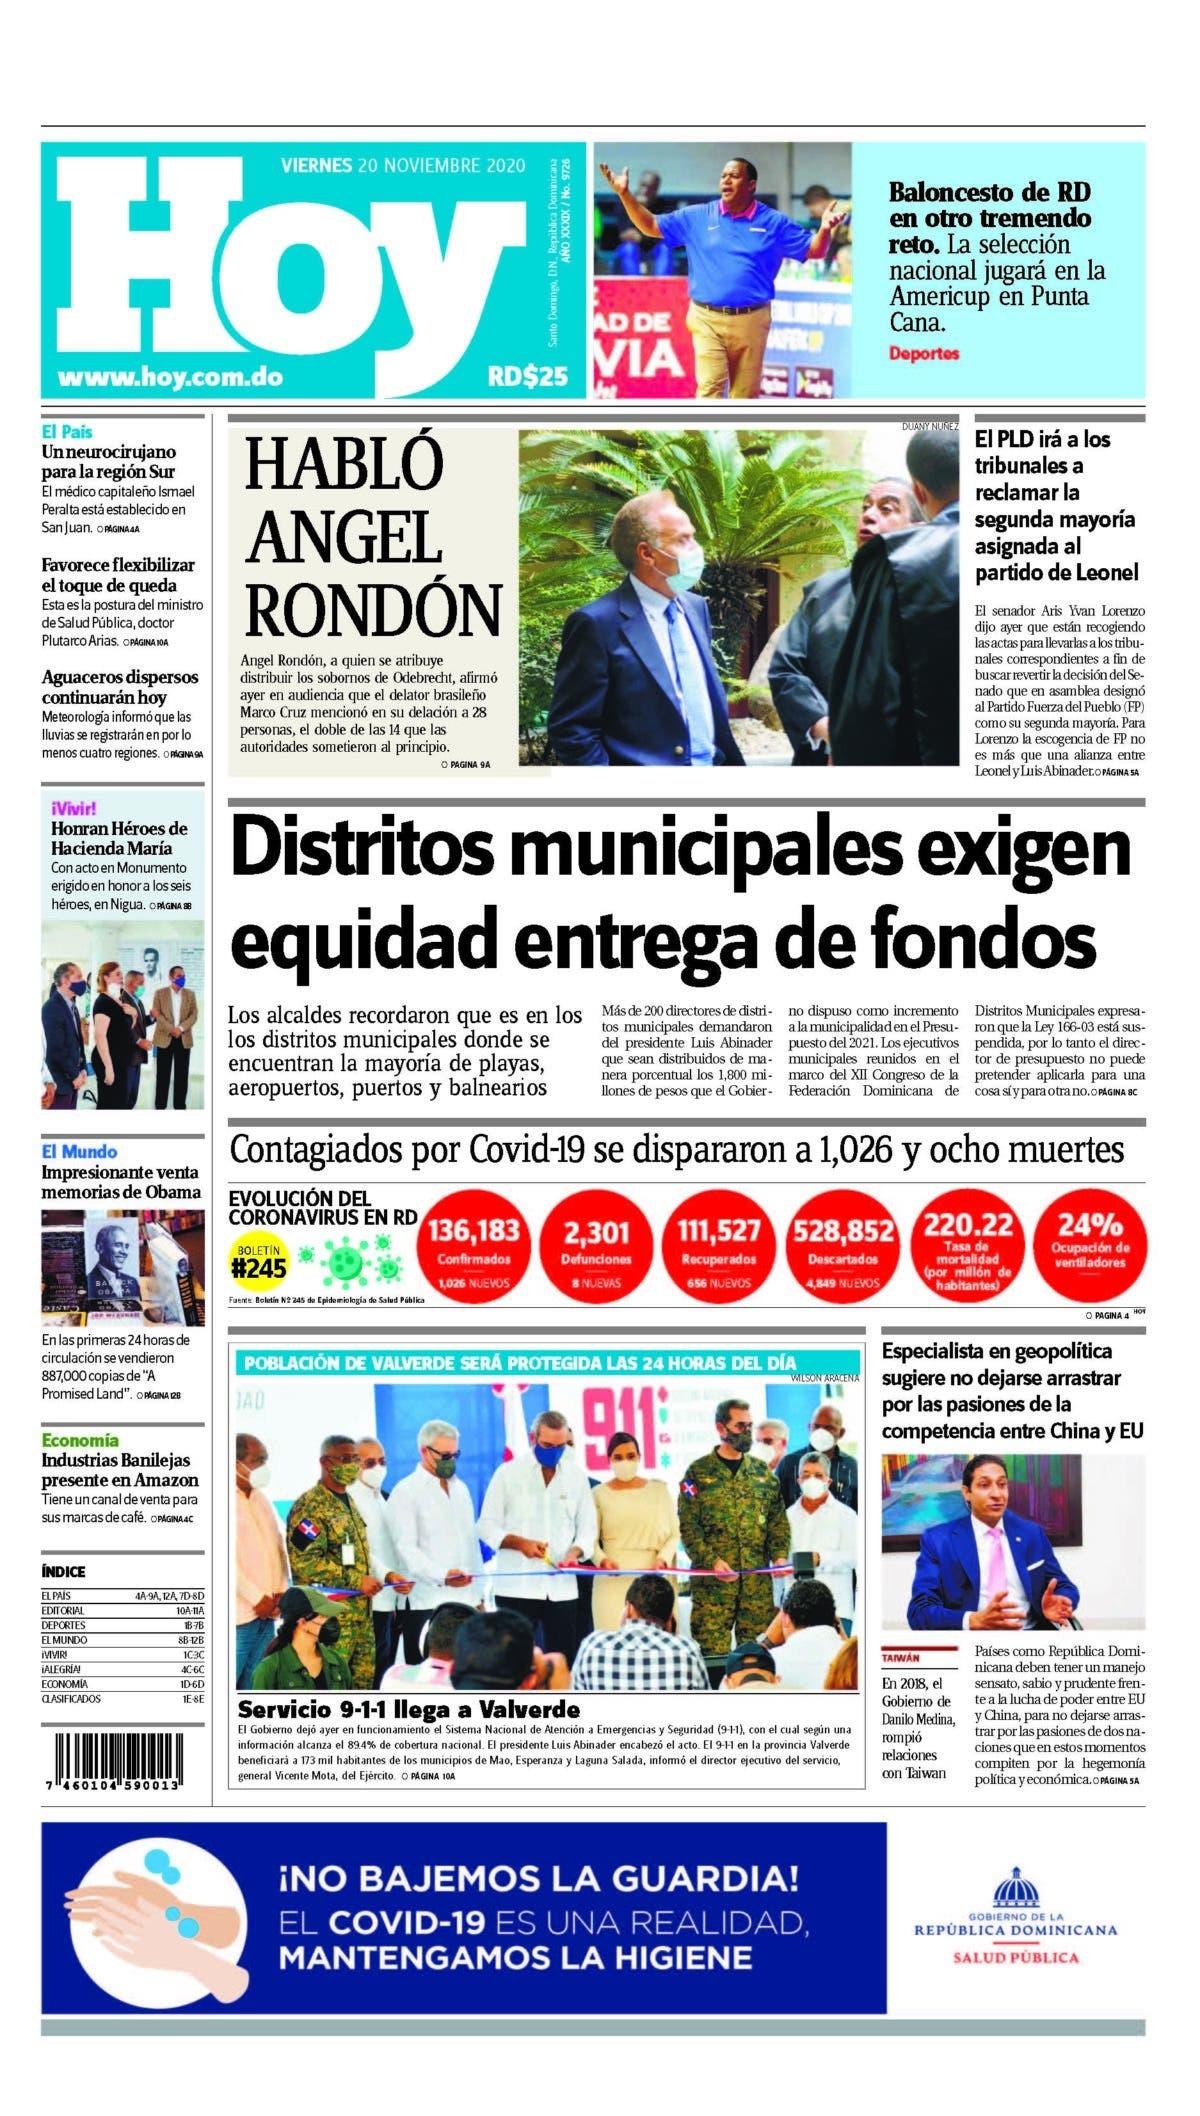 Portada Periódico Hoy, Viernes 20 de Noviembre, 2020